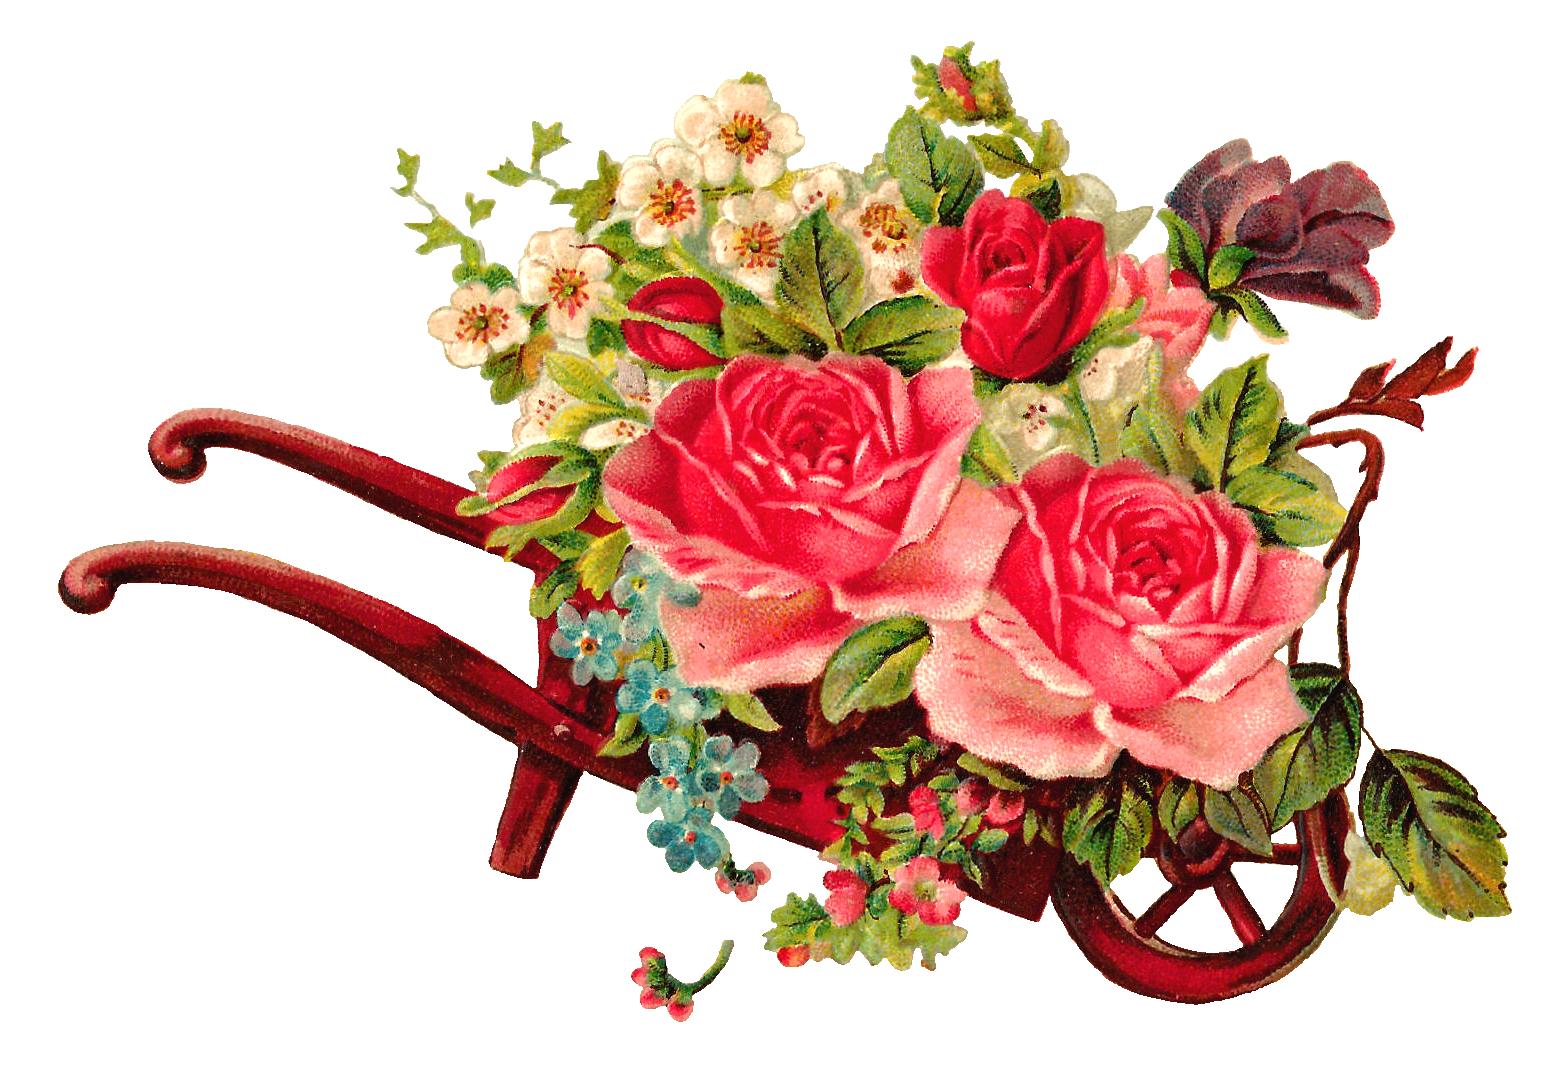 Antique Images: Free Digital Flower Rose Images of Rose ...